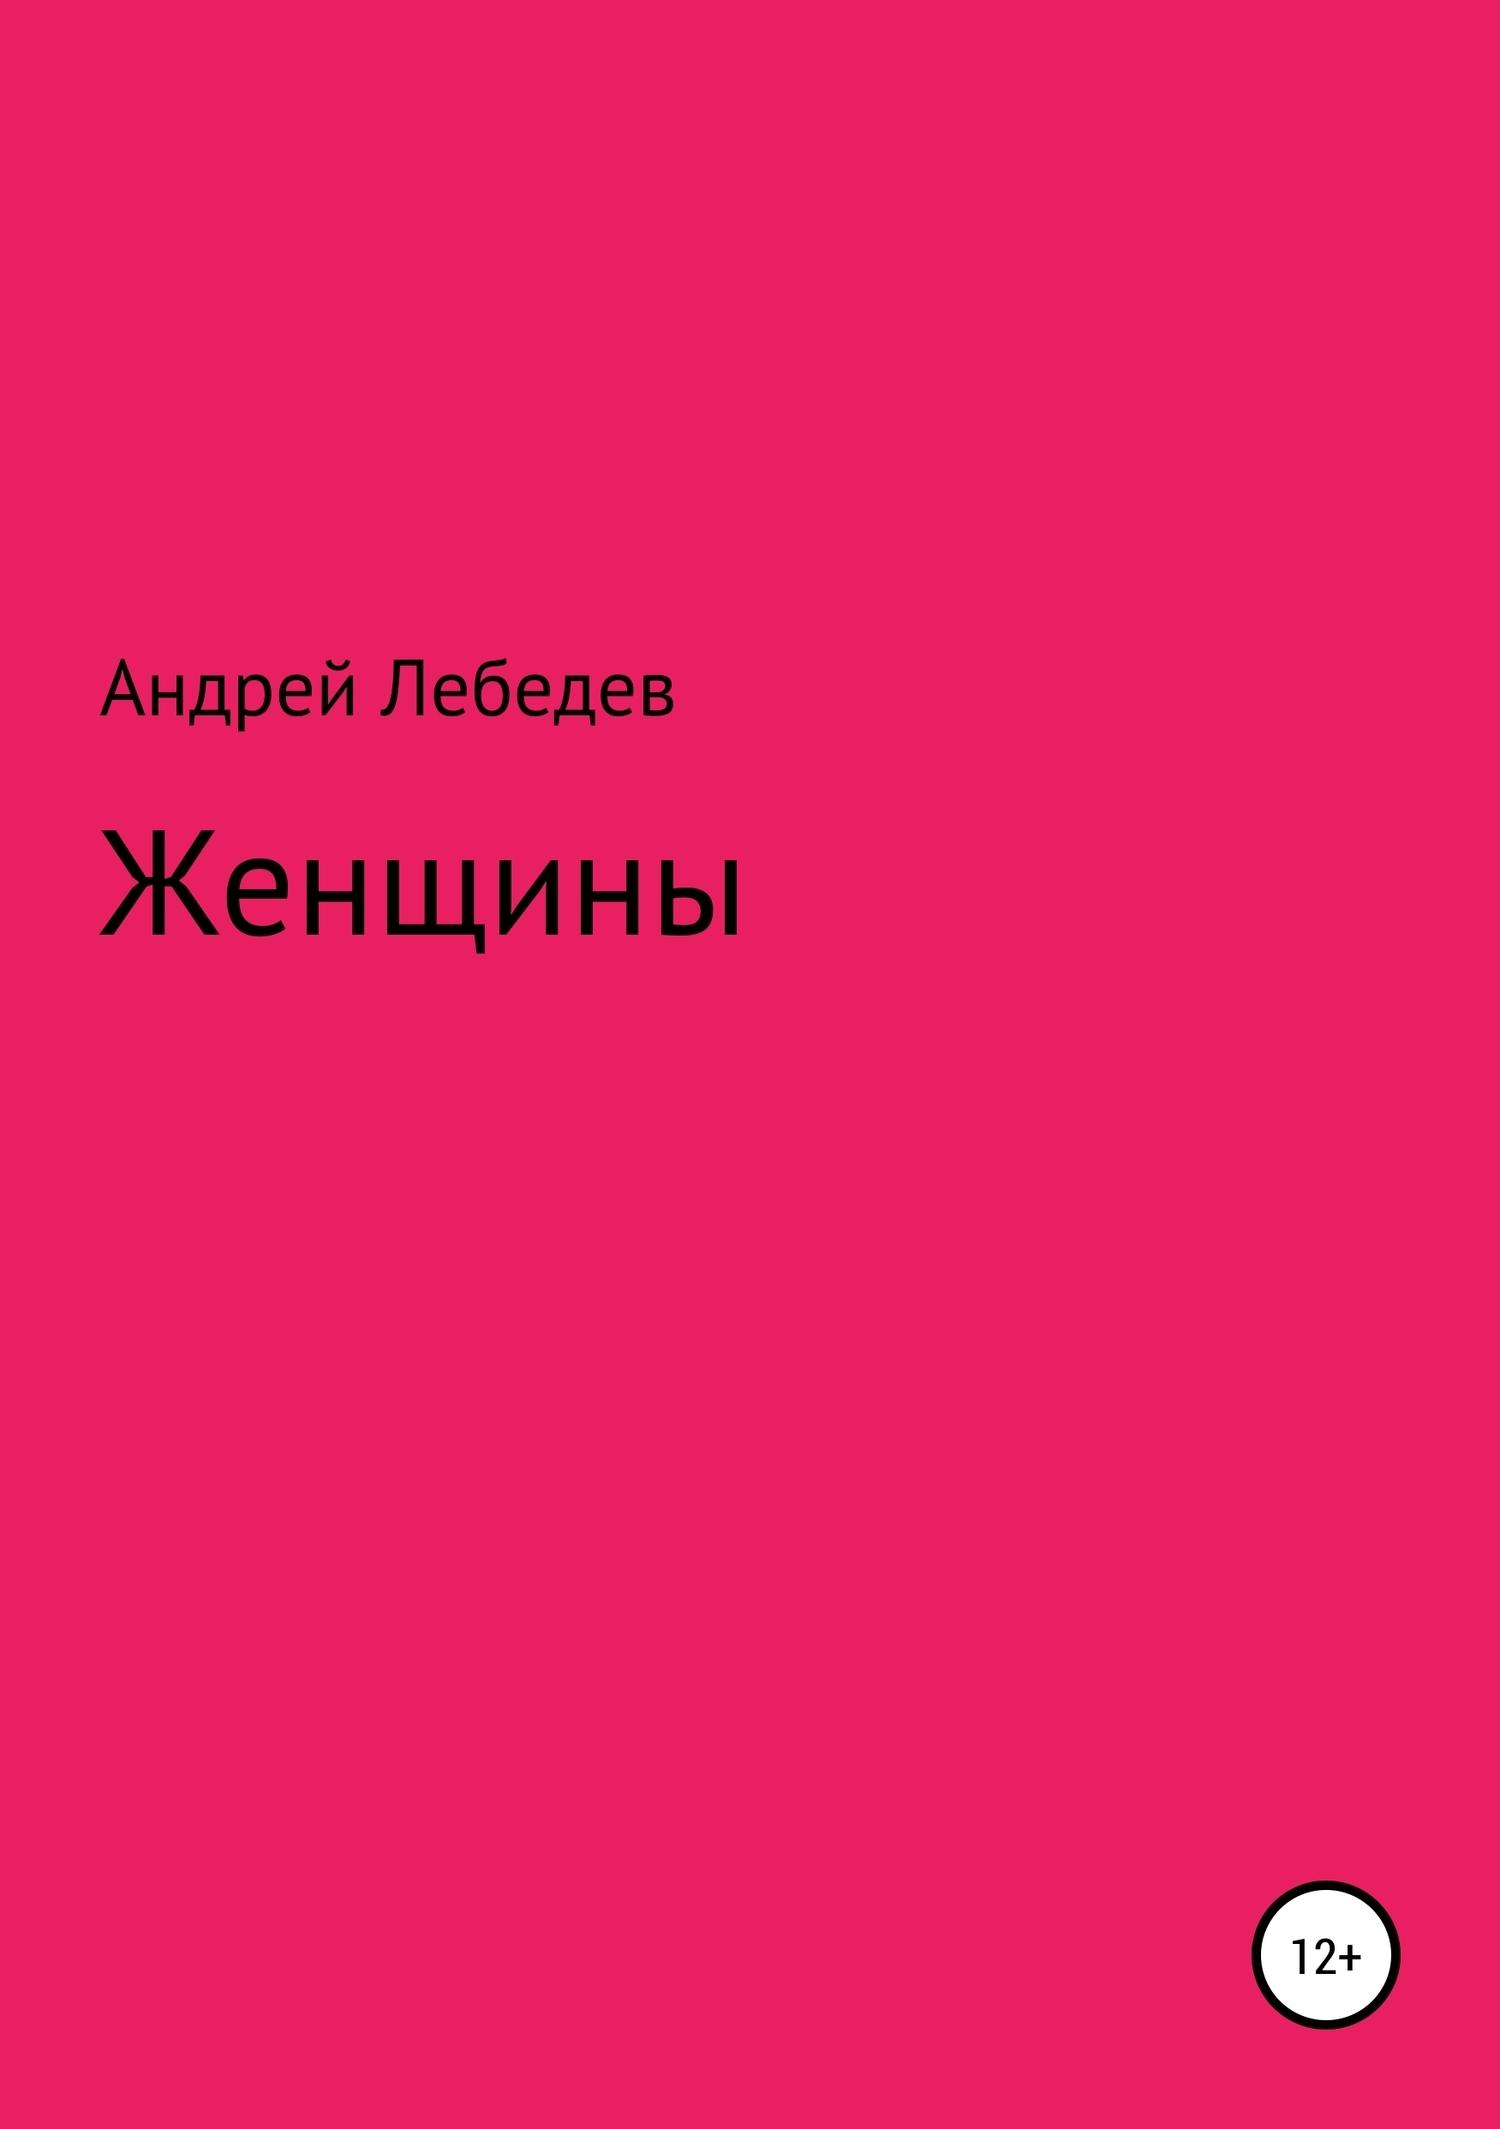 Андрей Лебедев - Женщины